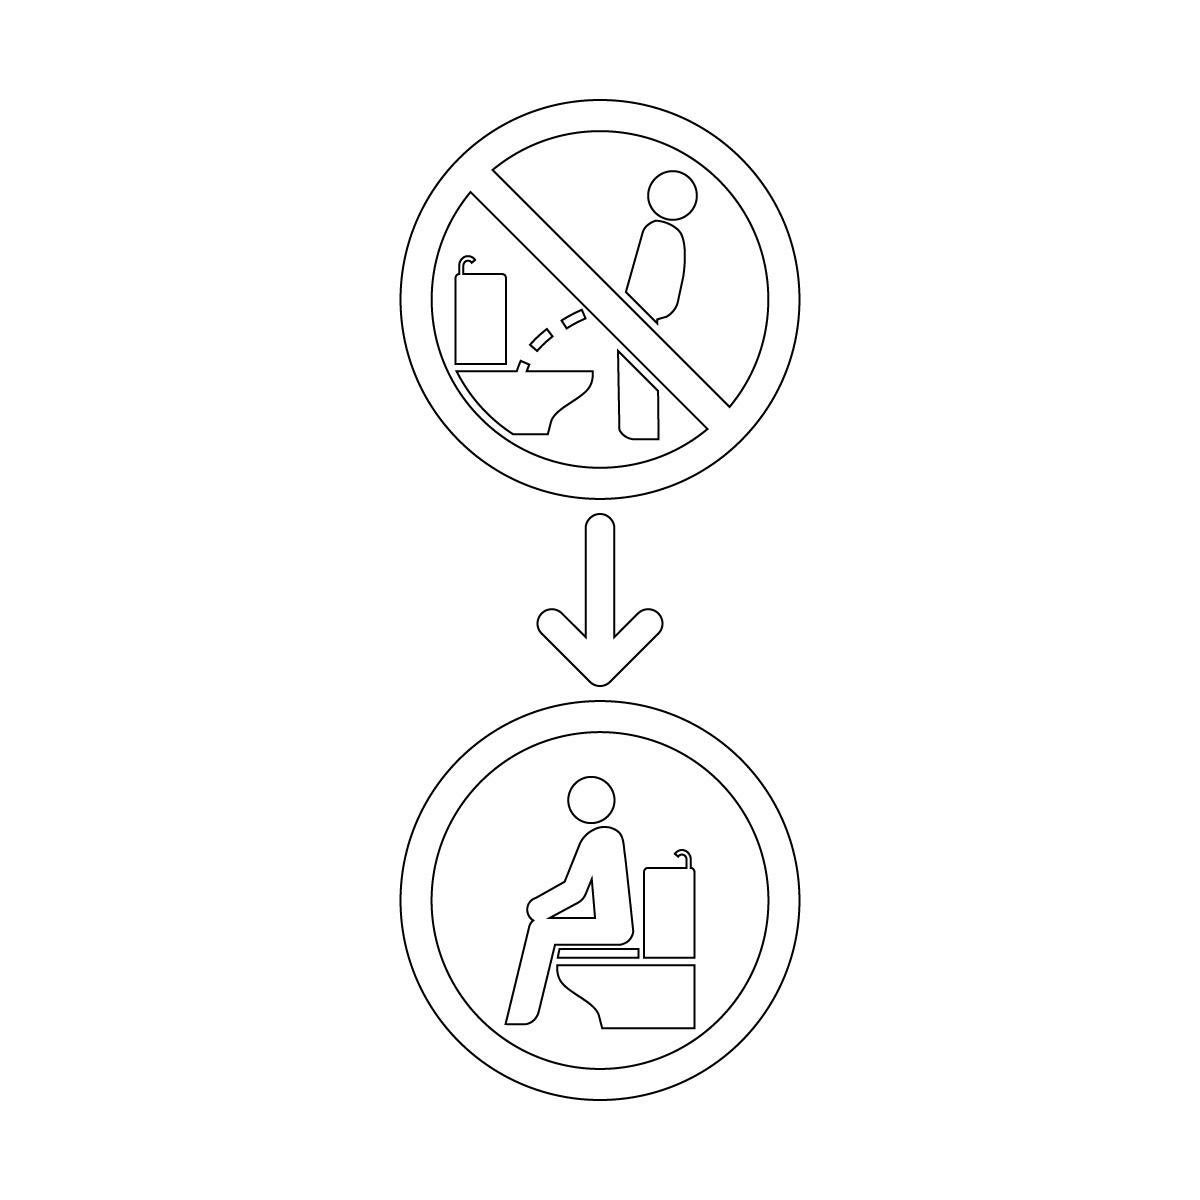 白色の洋式トイレに座って使用をお願いするカッティングステッカー・シール